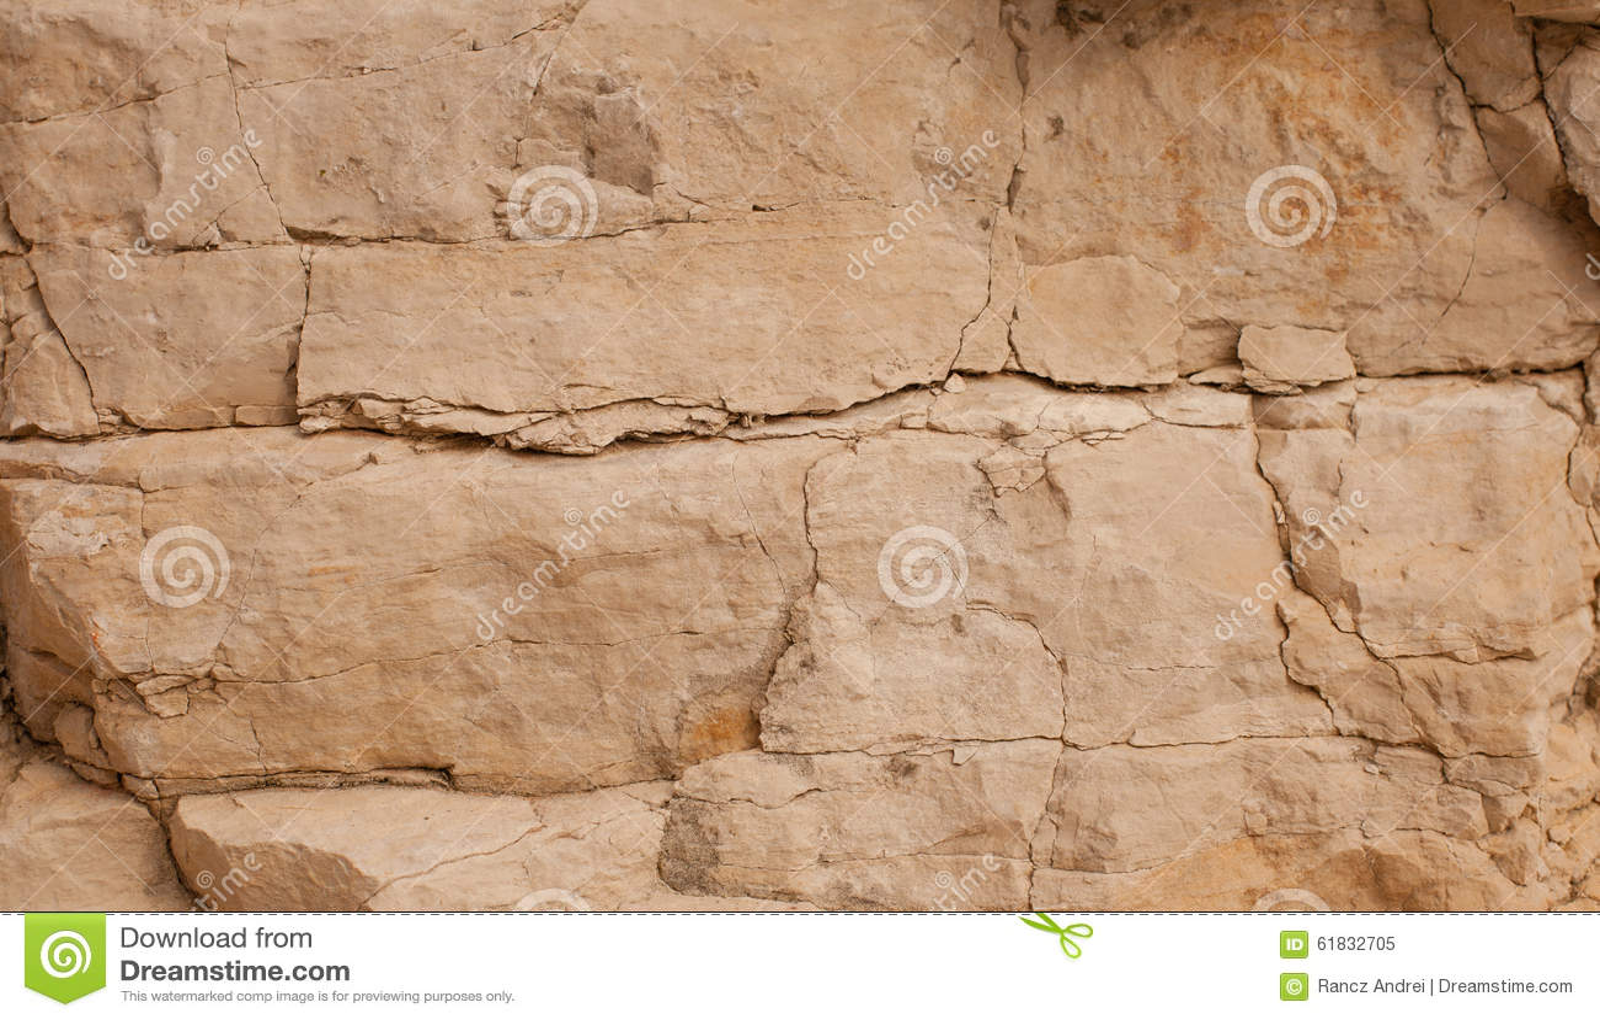 texture d 39 un mur en pierre photo stock image 61832705. Black Bedroom Furniture Sets. Home Design Ideas